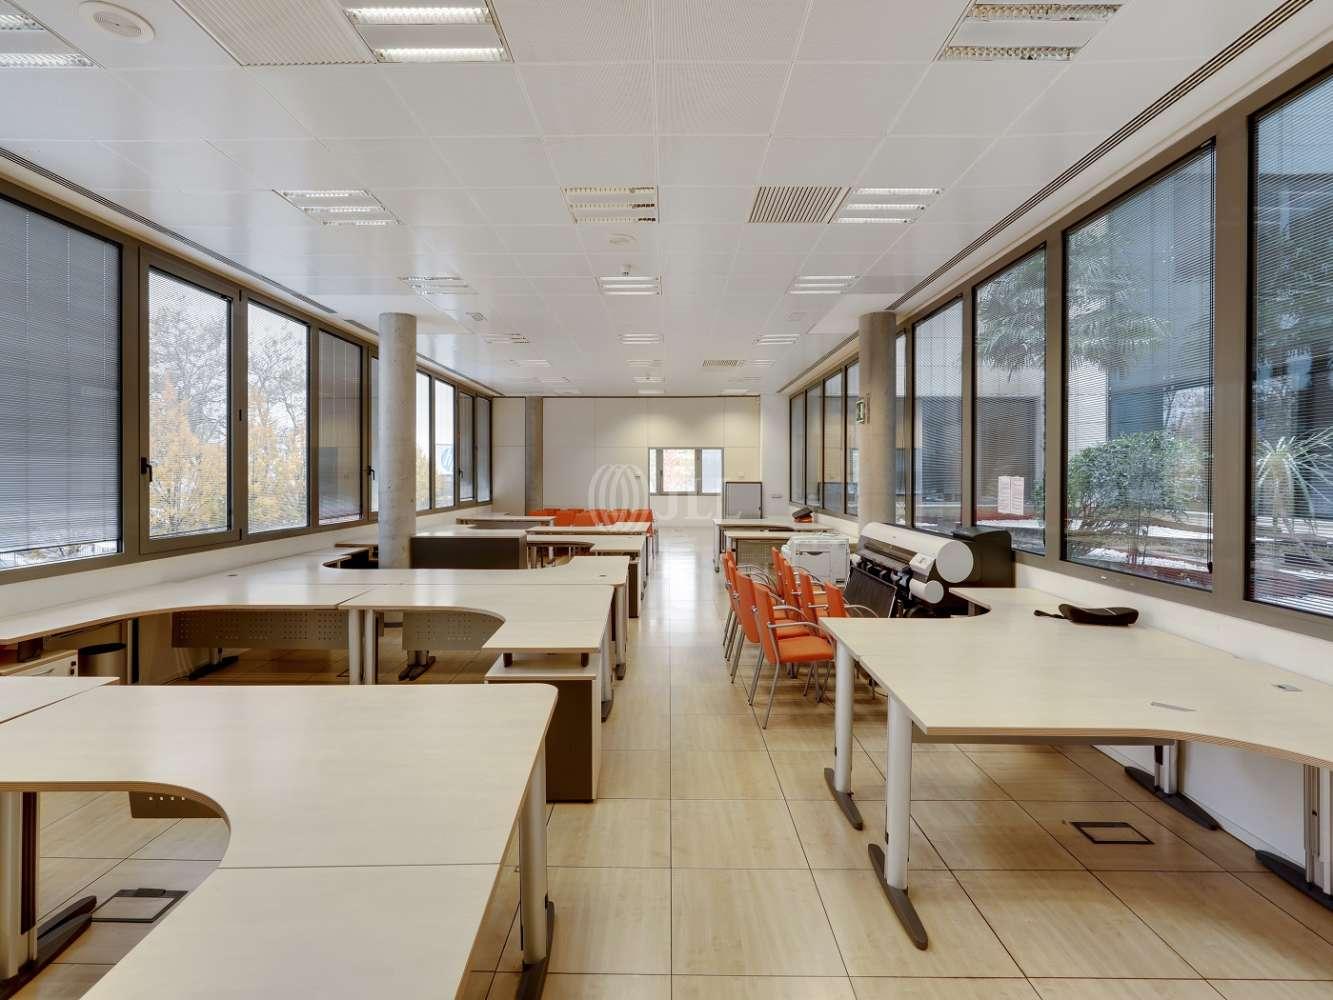 Oficina Las rozas de madrid, 28232 - Edificio 1 - 23185